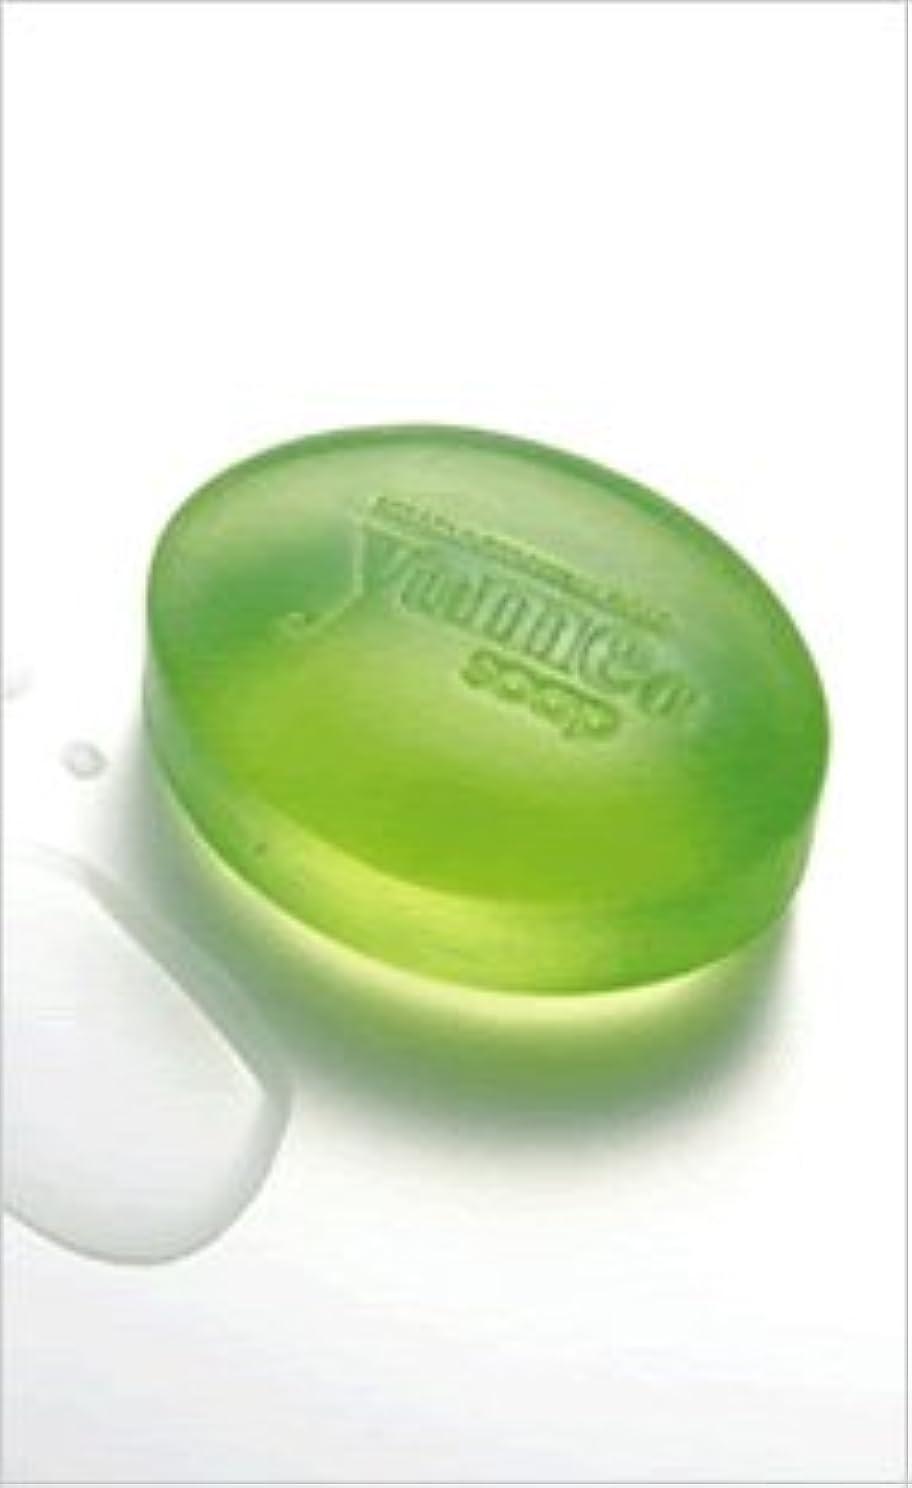 引退した専門化する適用するオーブス 夢水肌ミラクルエッセンシャルソープ 100g